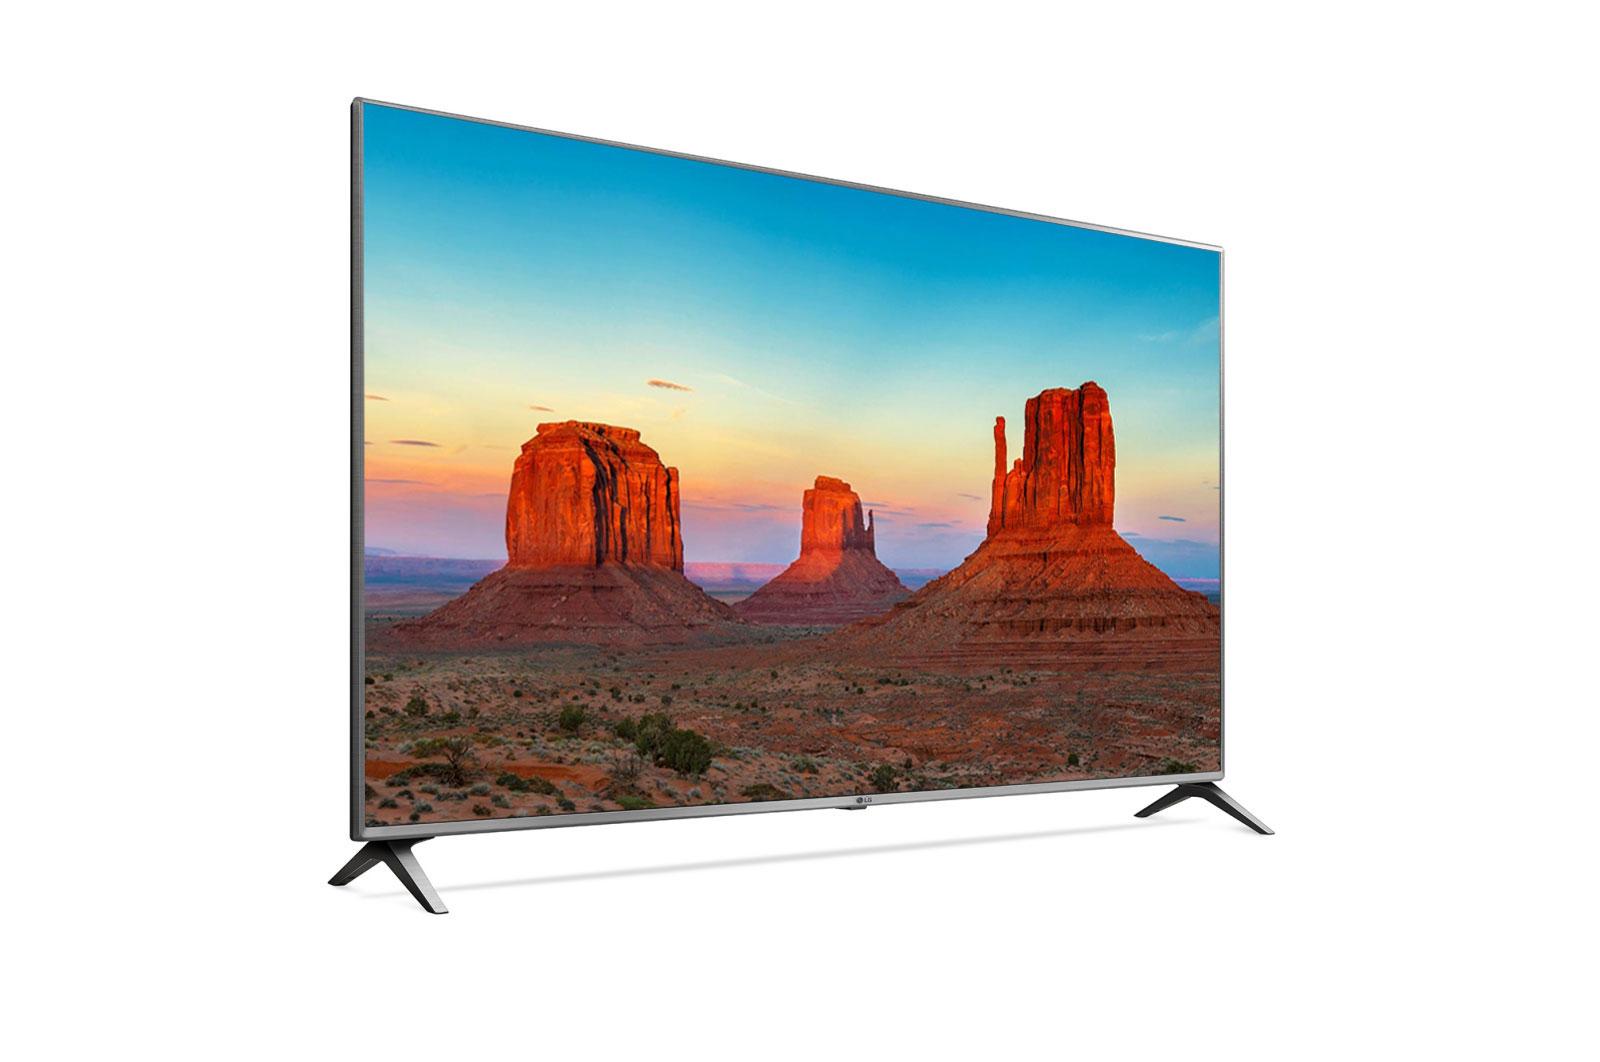 LG UHD TV 75 inch 75UK6500PTB Model